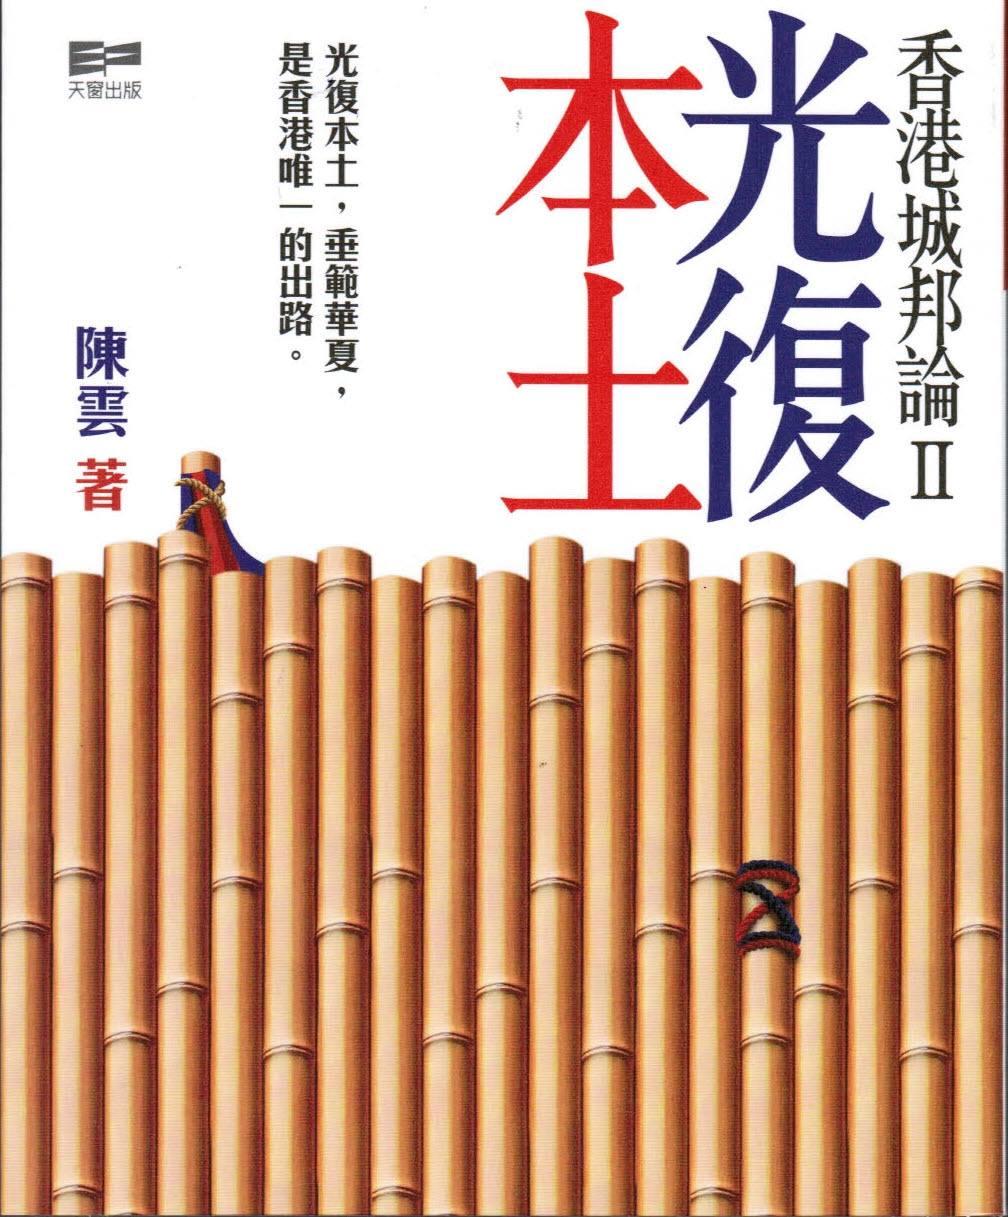 香港城邦論II